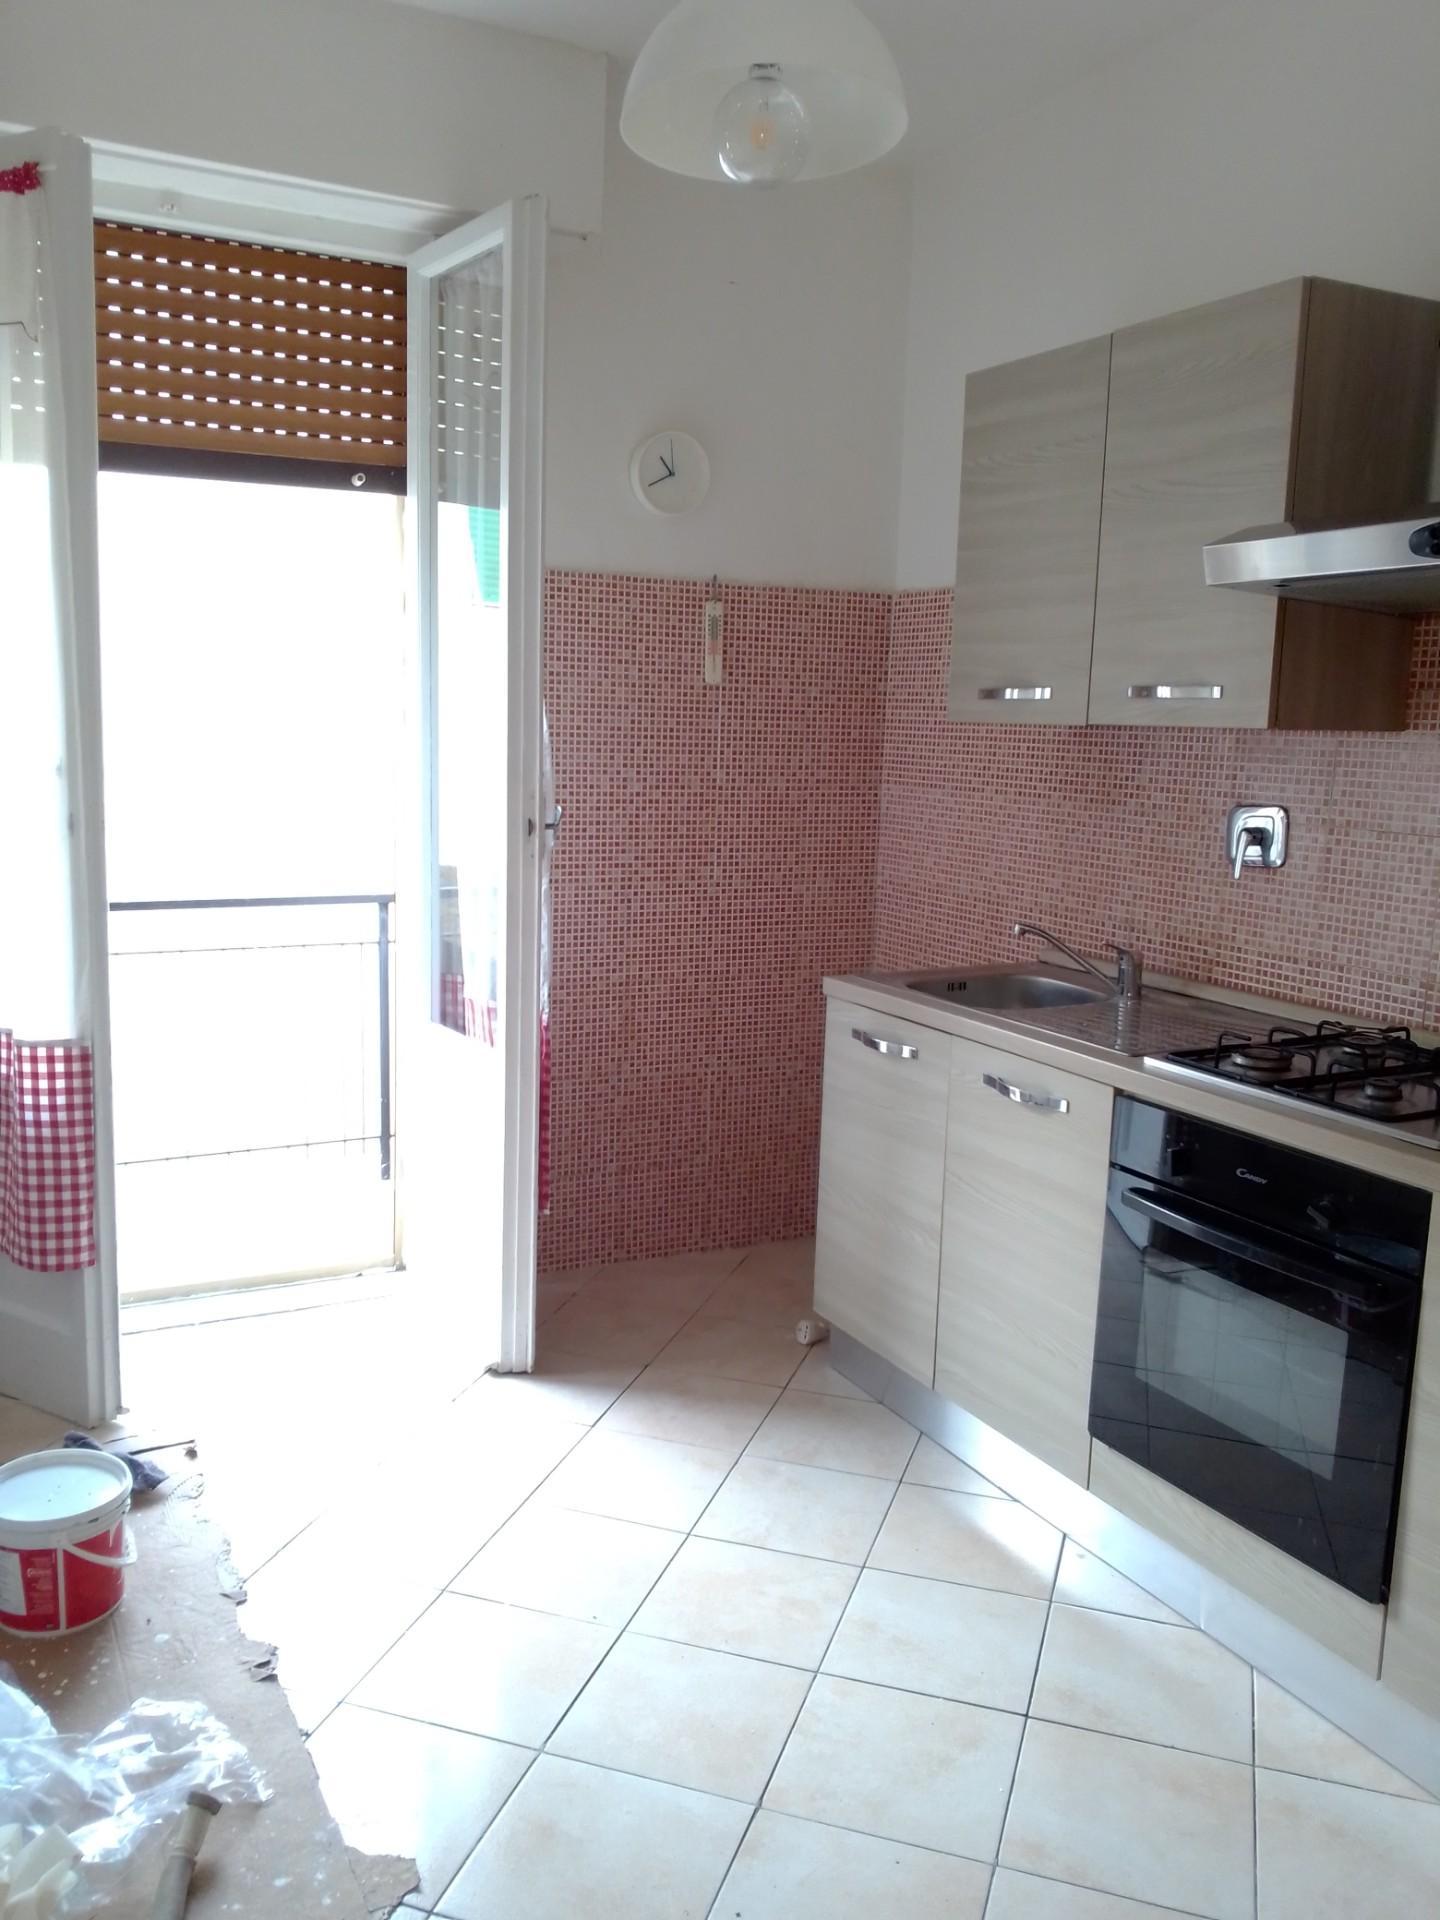 Appartamento affitto Pisa (PI) - 4 LOCALI - 80 MQ